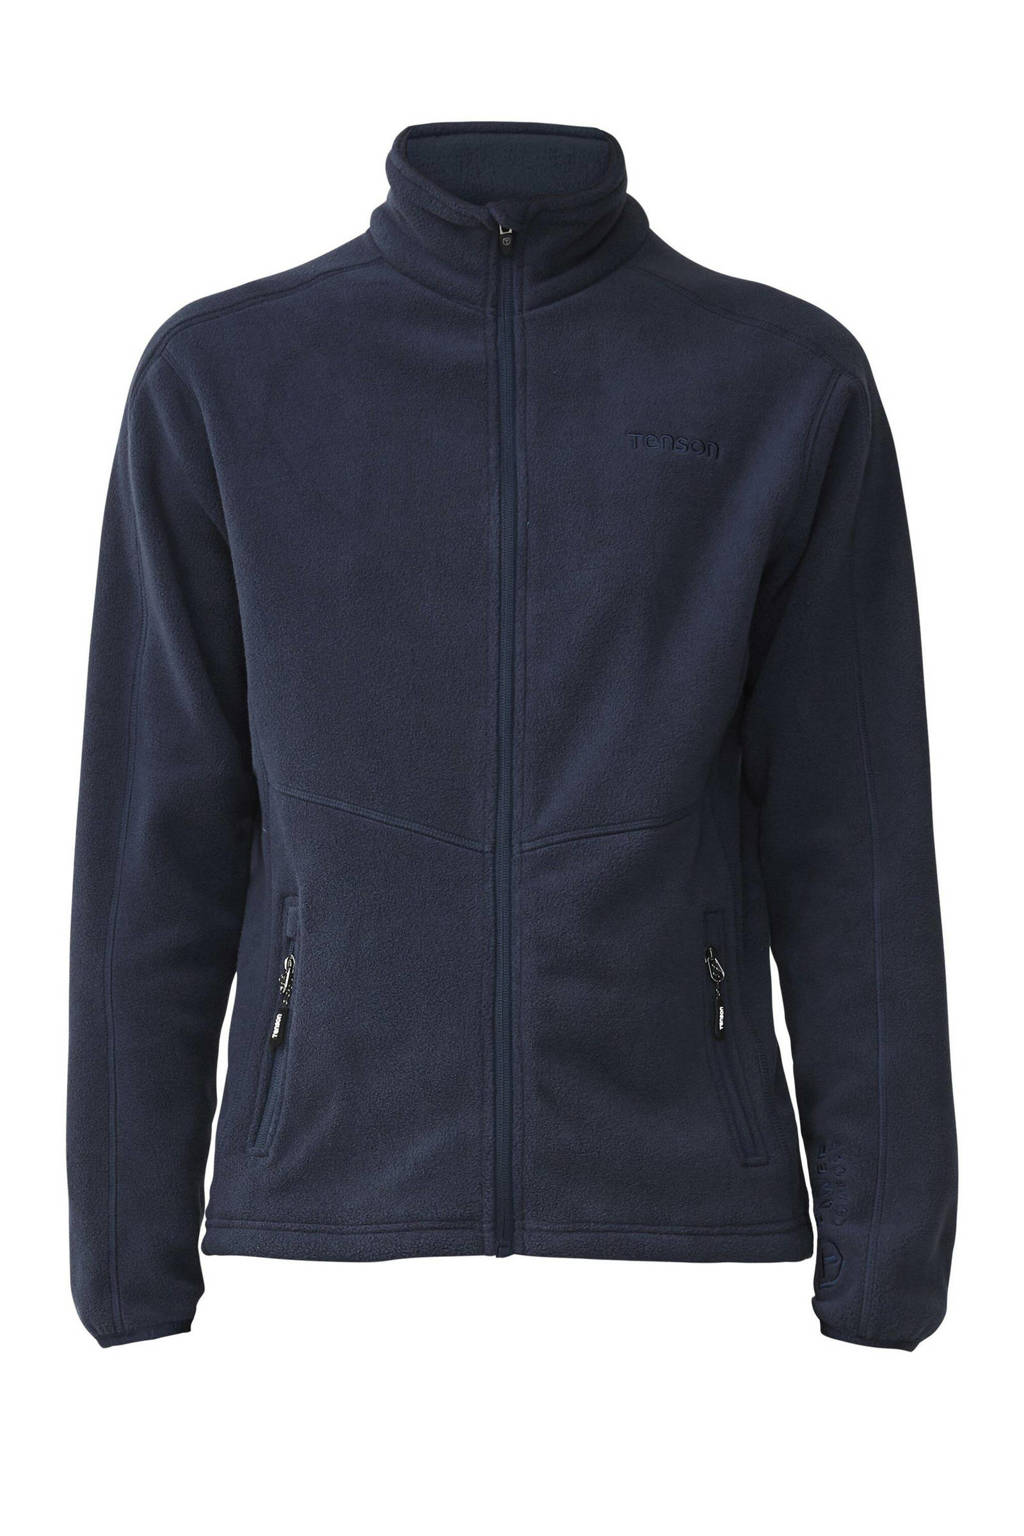 Tenson outdoor fleece vest Miracle donkerblauw, Donkerblauw